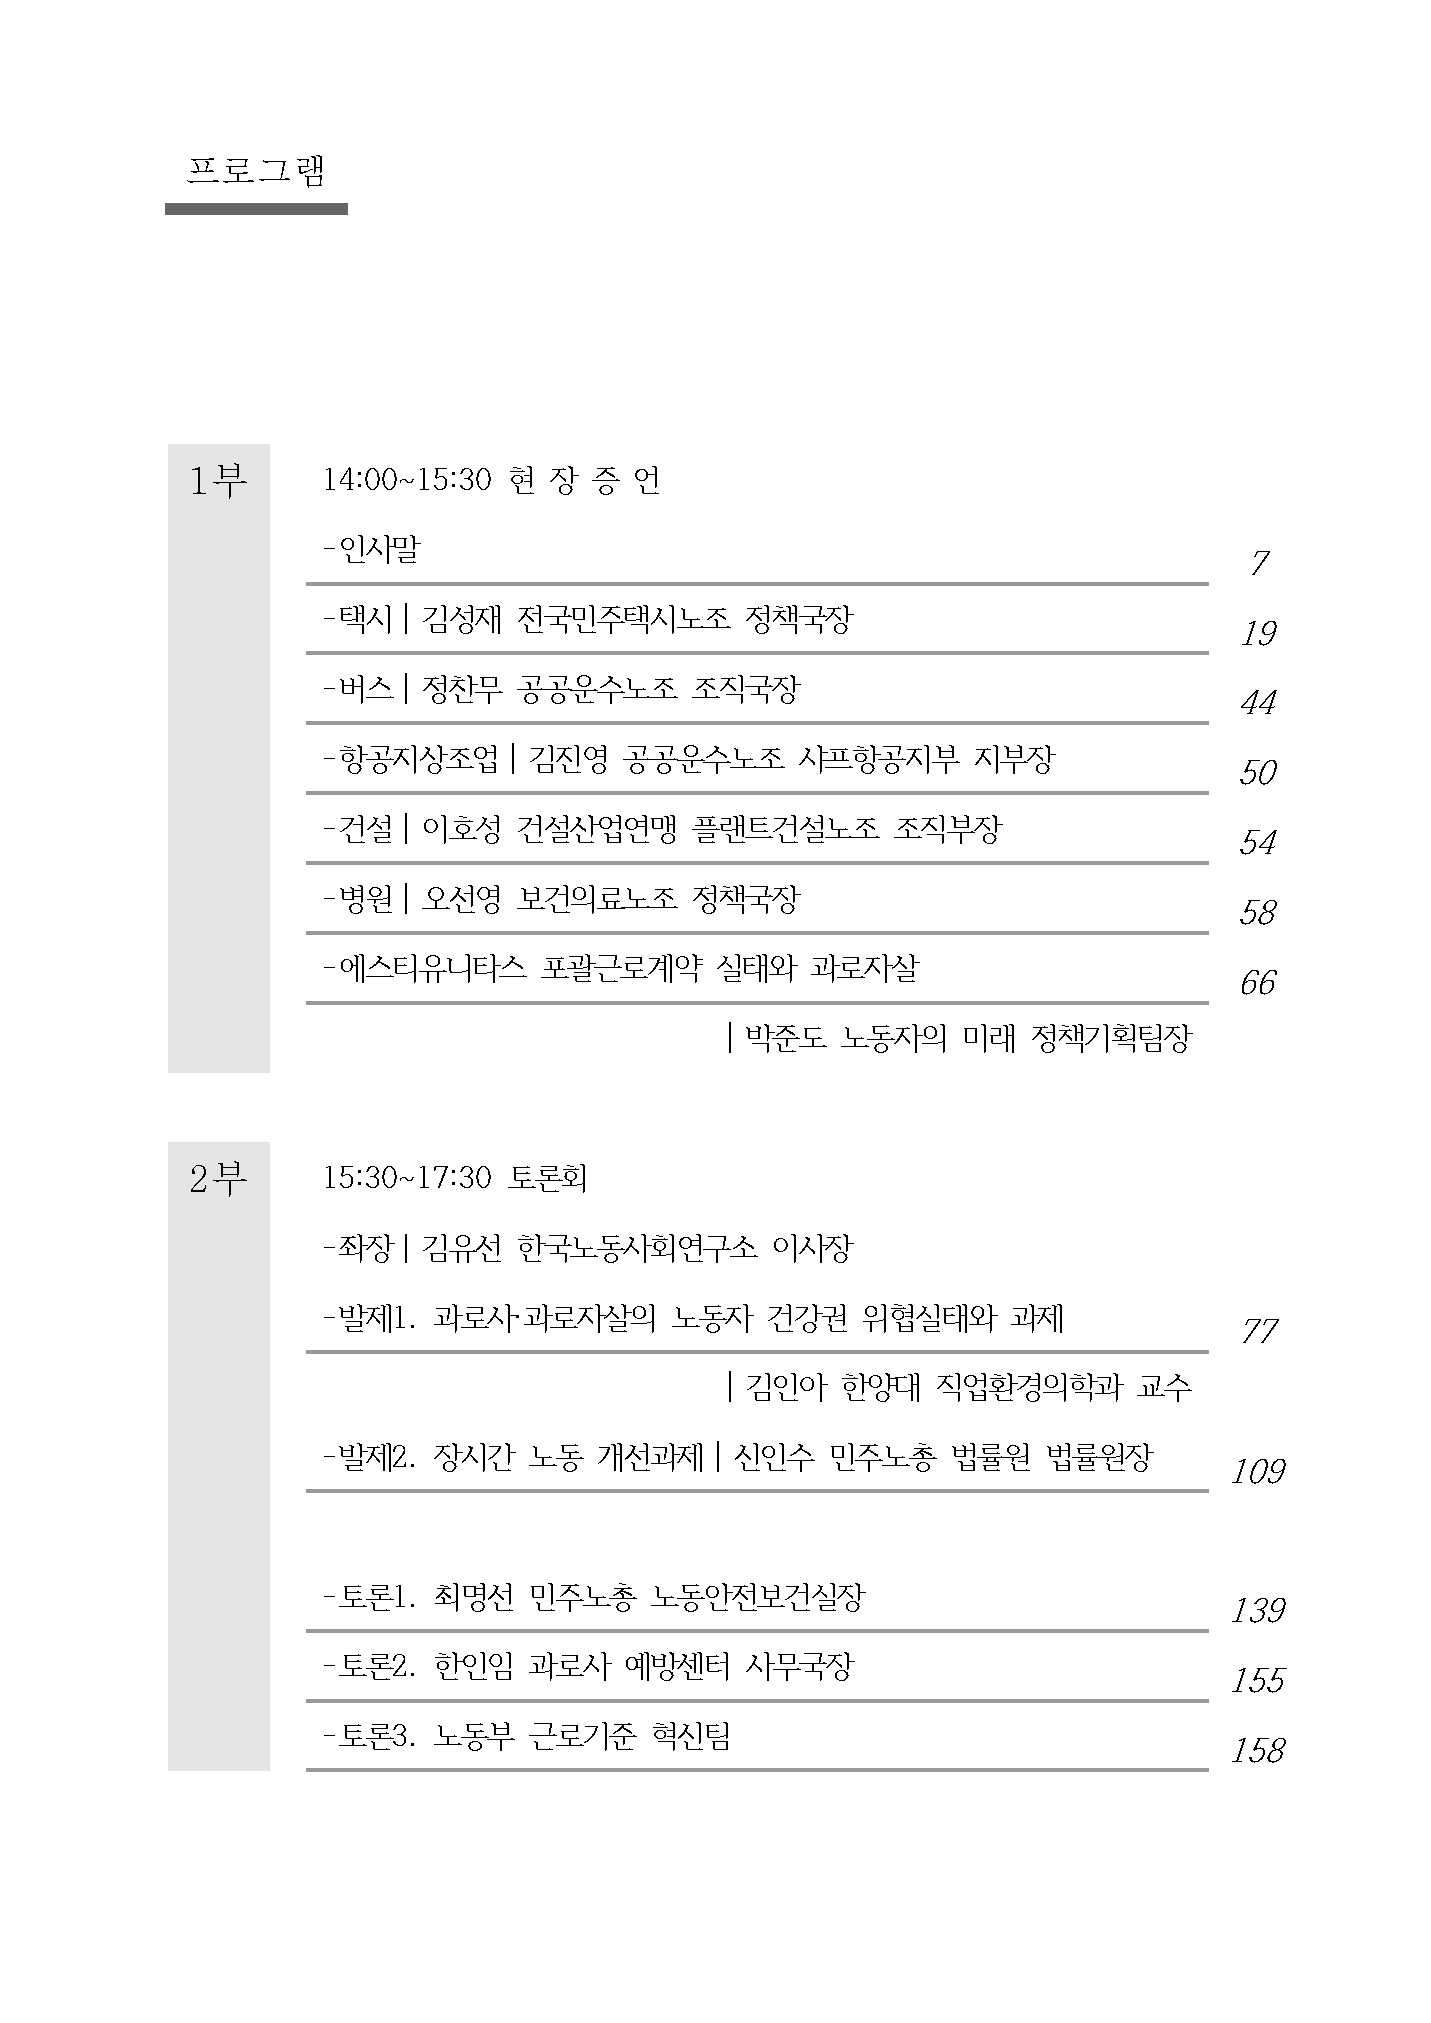 2018-0417_토론회_자료집_최종 3.png